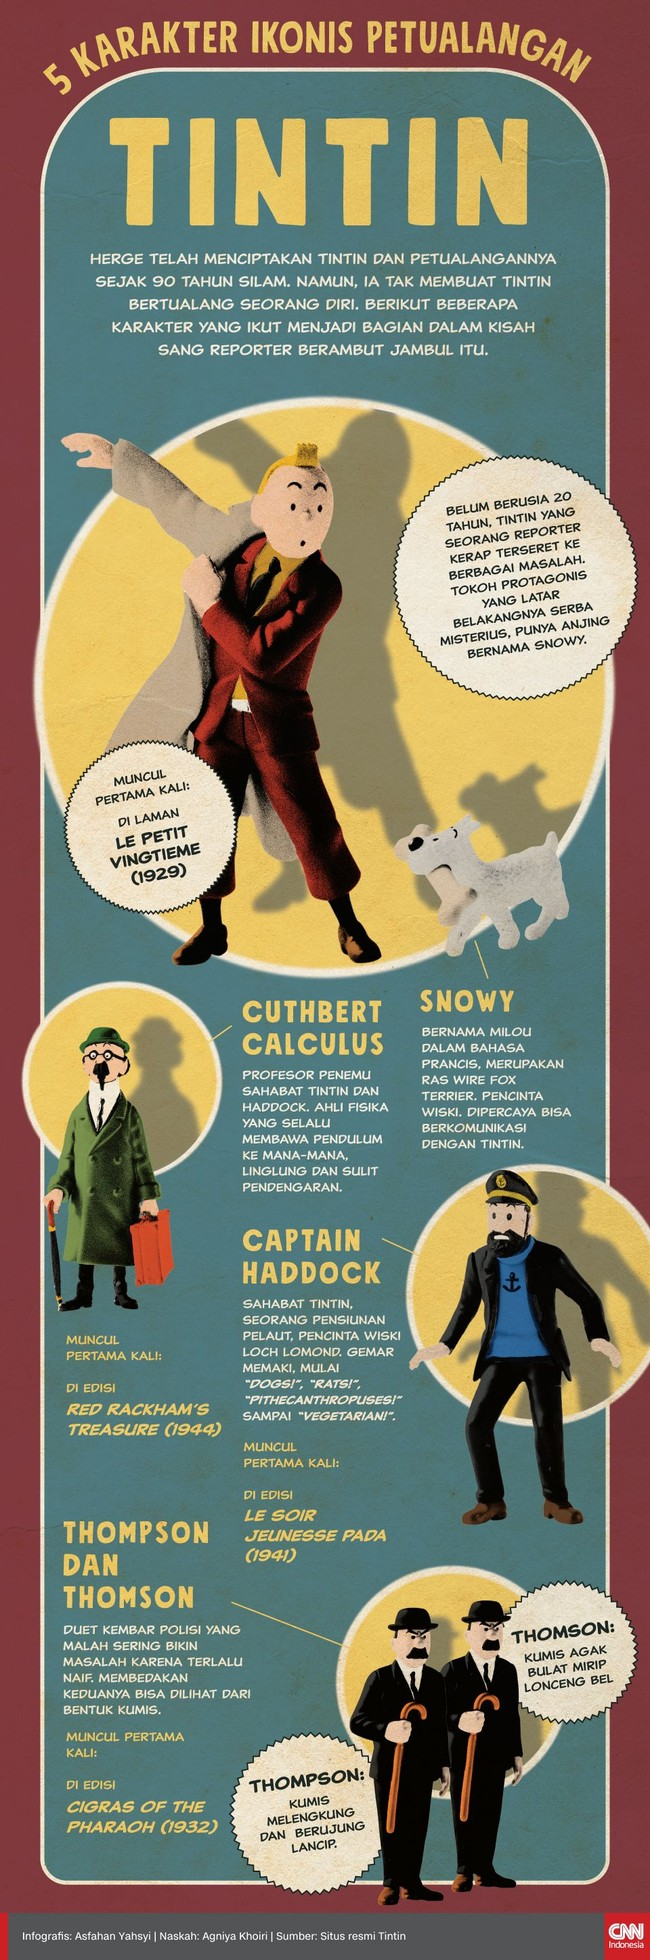 Dalam setiap petualangannya berkeliling dunia, Tintin tak sendiri. Herge 'memberi'nya beberapa kawan baik.